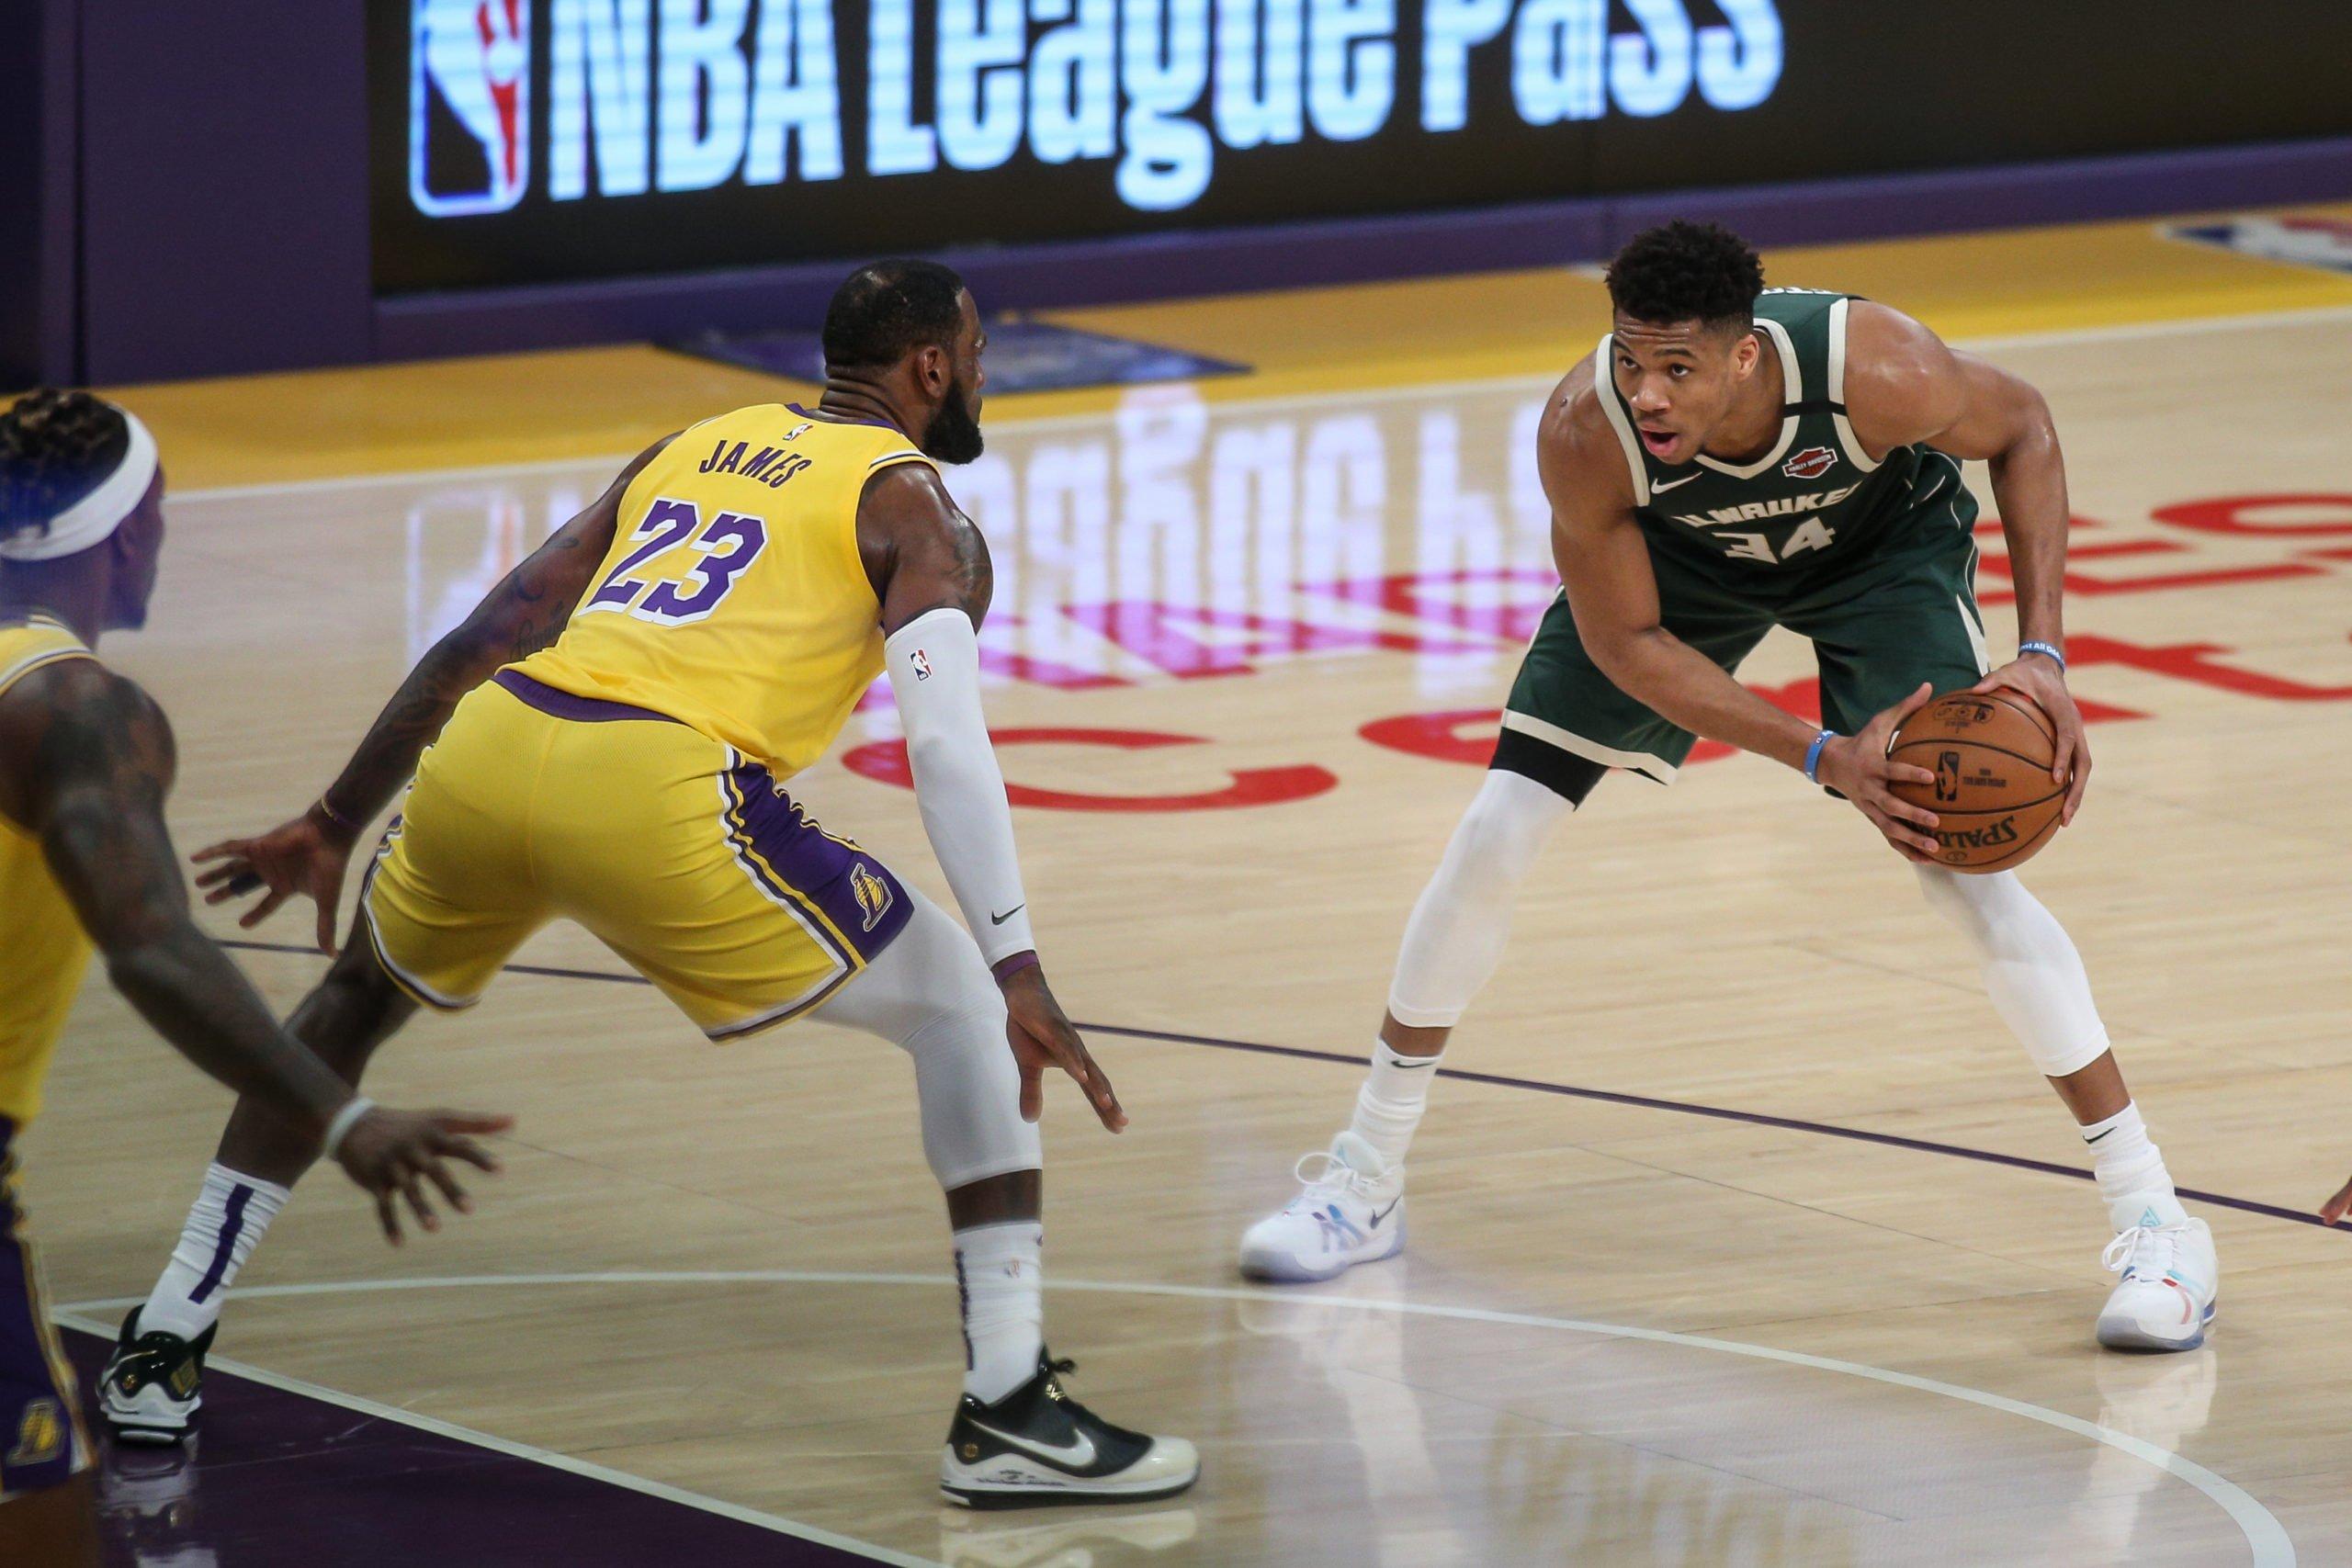 雄鹿老板:人们渴望观赛,我认为NBA会打完本赛季比赛